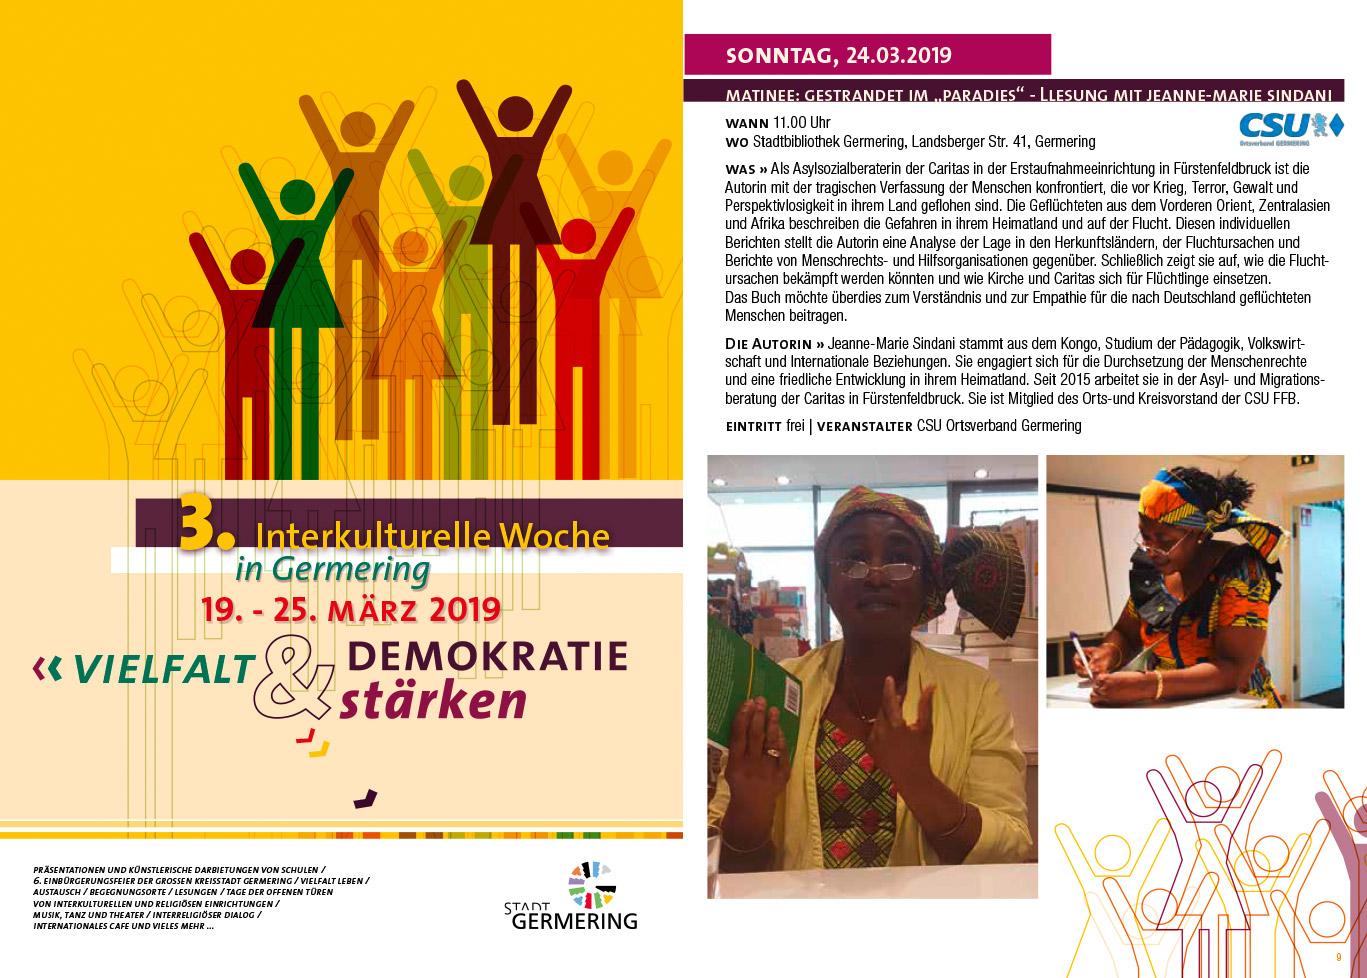 Matinee mit Jeanne-Marie Sindani im Rahmen der Interkulturellen Woche Germering 2019 @ Stadtbibliothek Germering